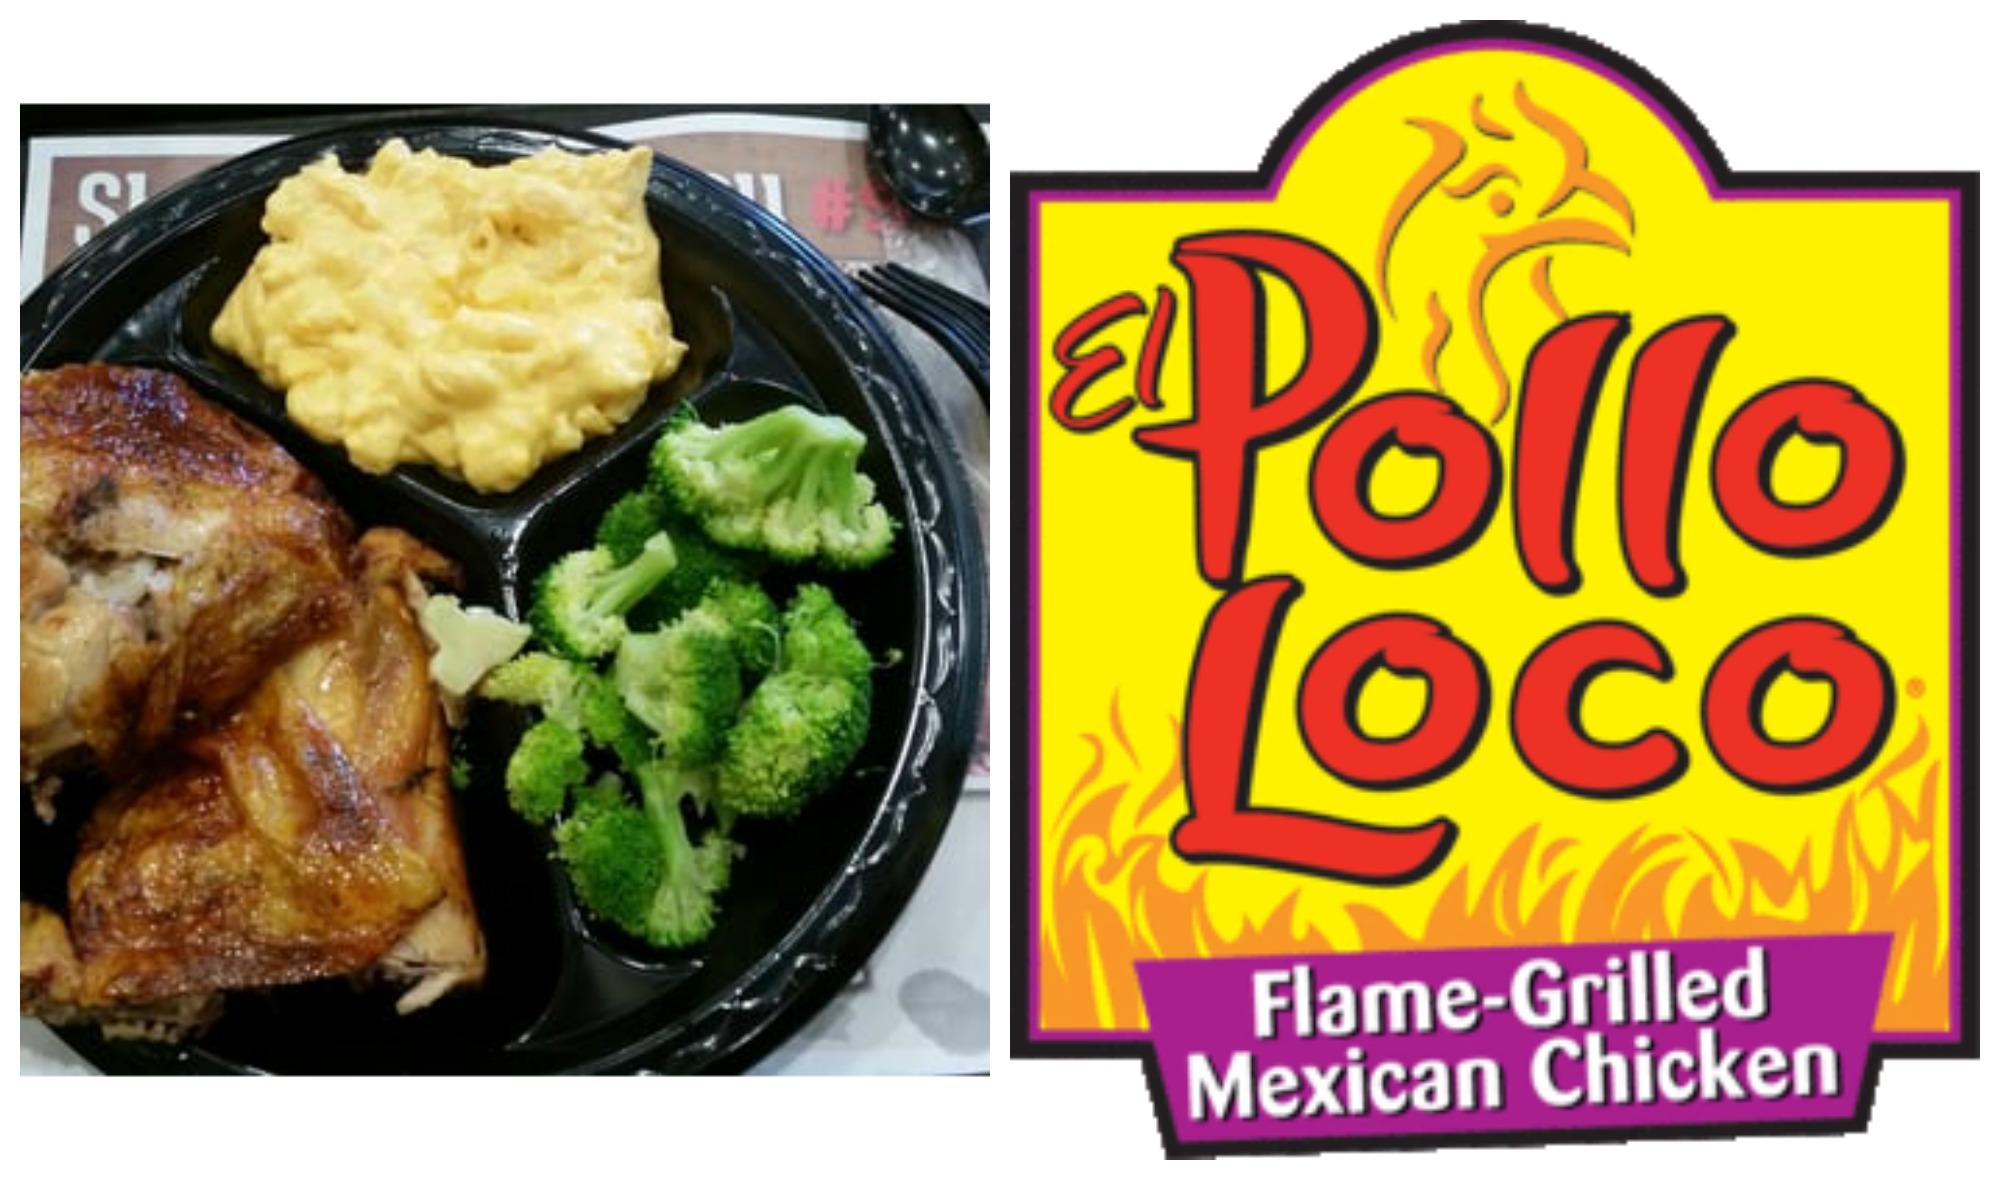 El pollo loco coupons 2018 may